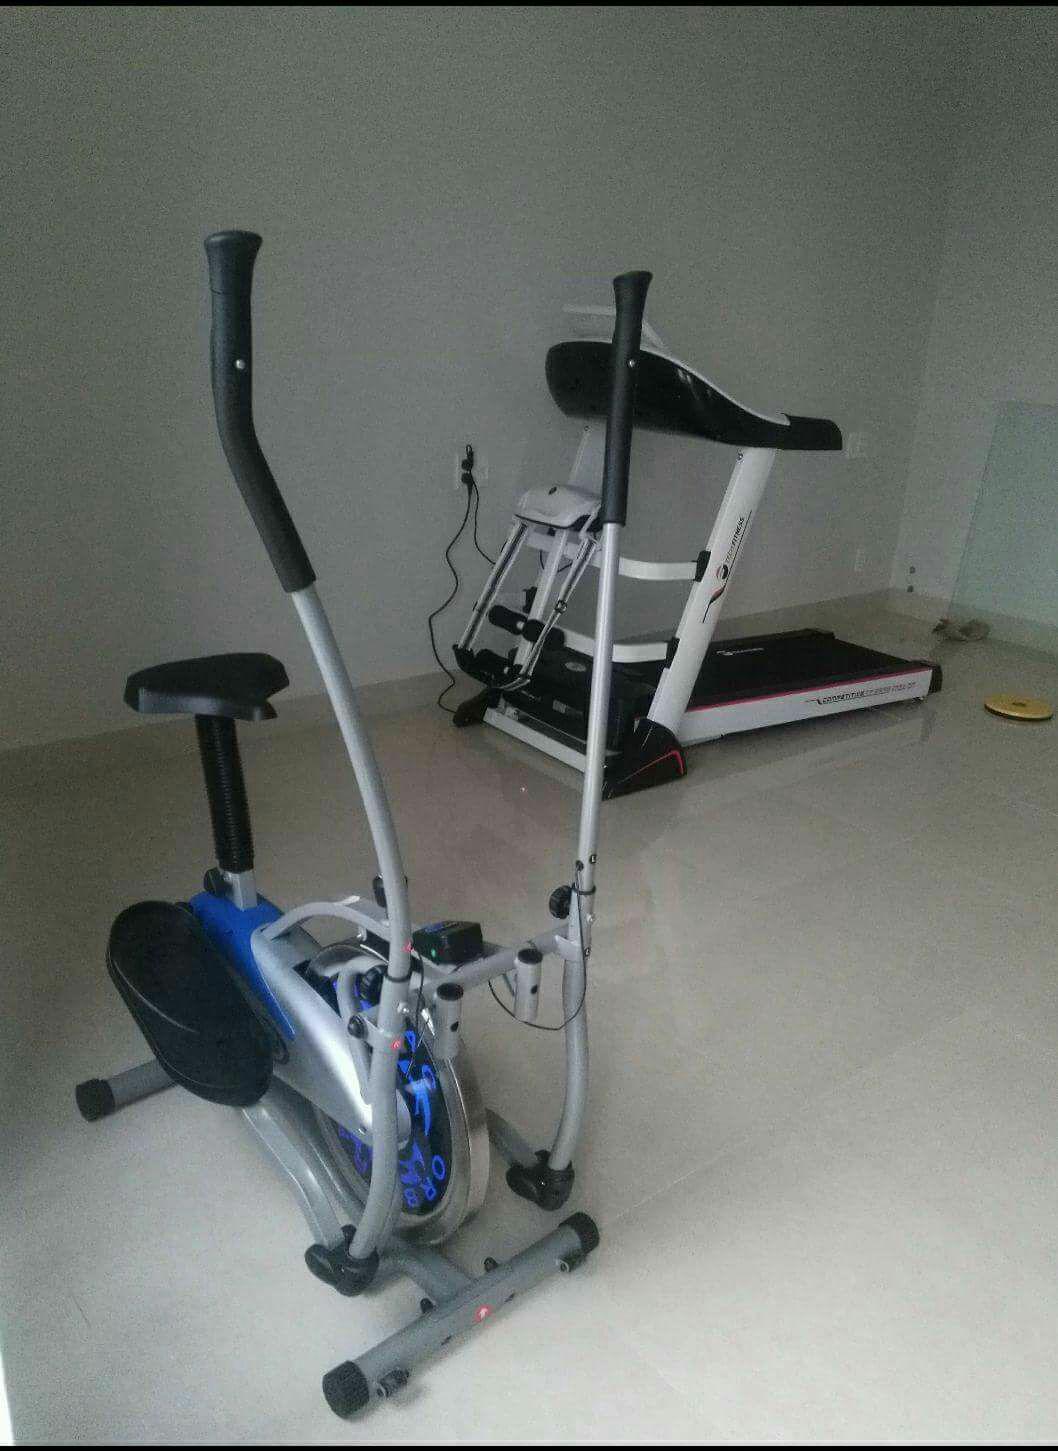 Hình ảnh Máy chạy bộ, xe đạp tập, giàn tạ, bàn bóng bàn